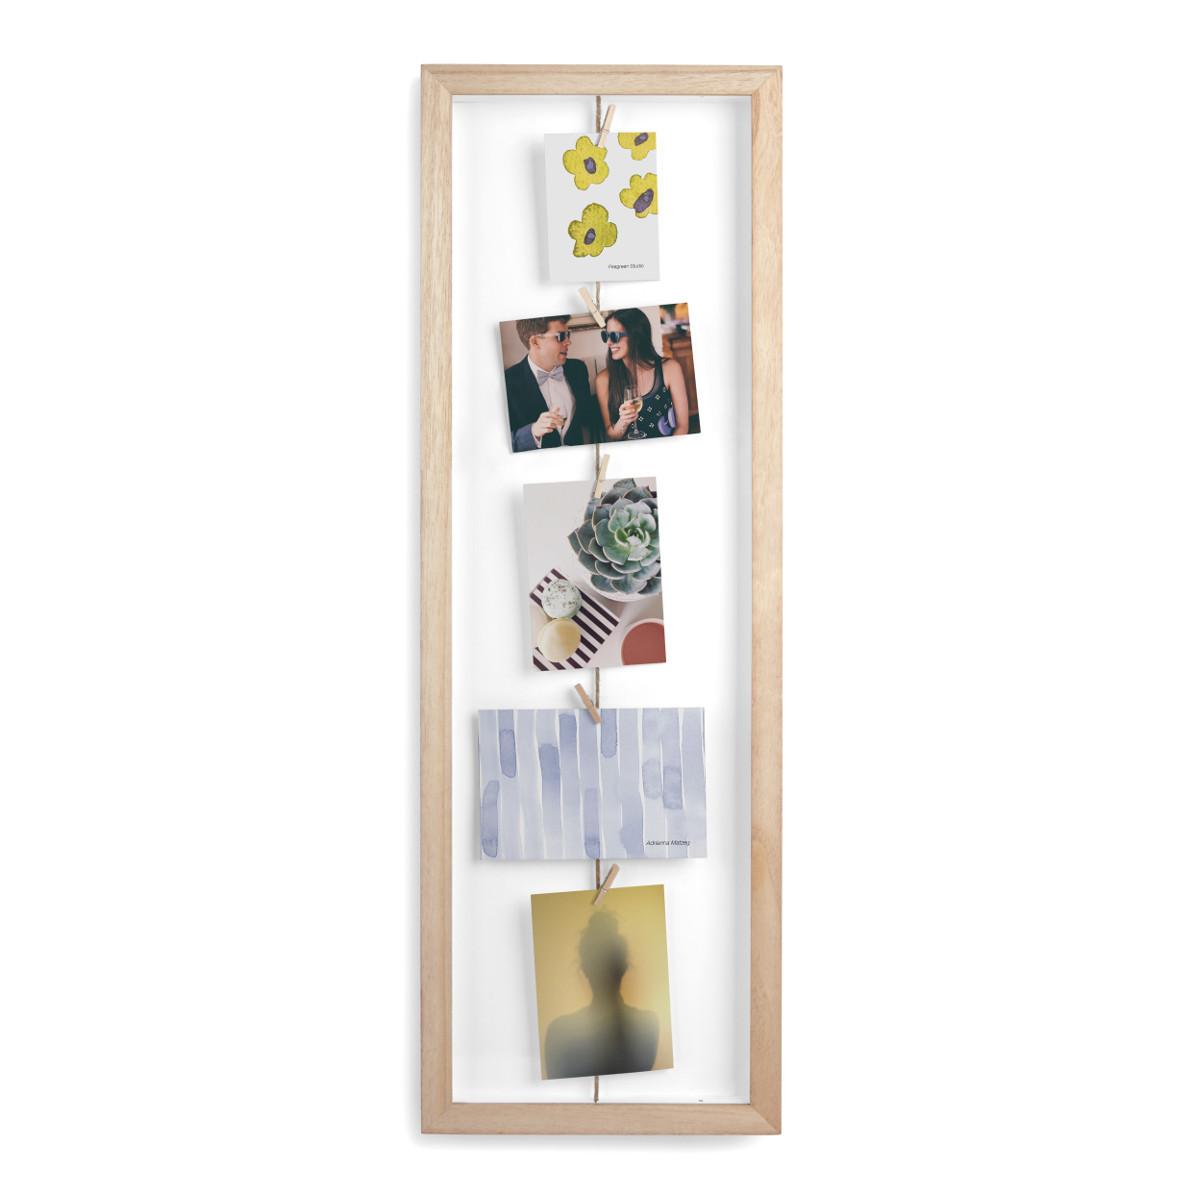 Wäscheleinen-Rahmen für Fotos & Co.